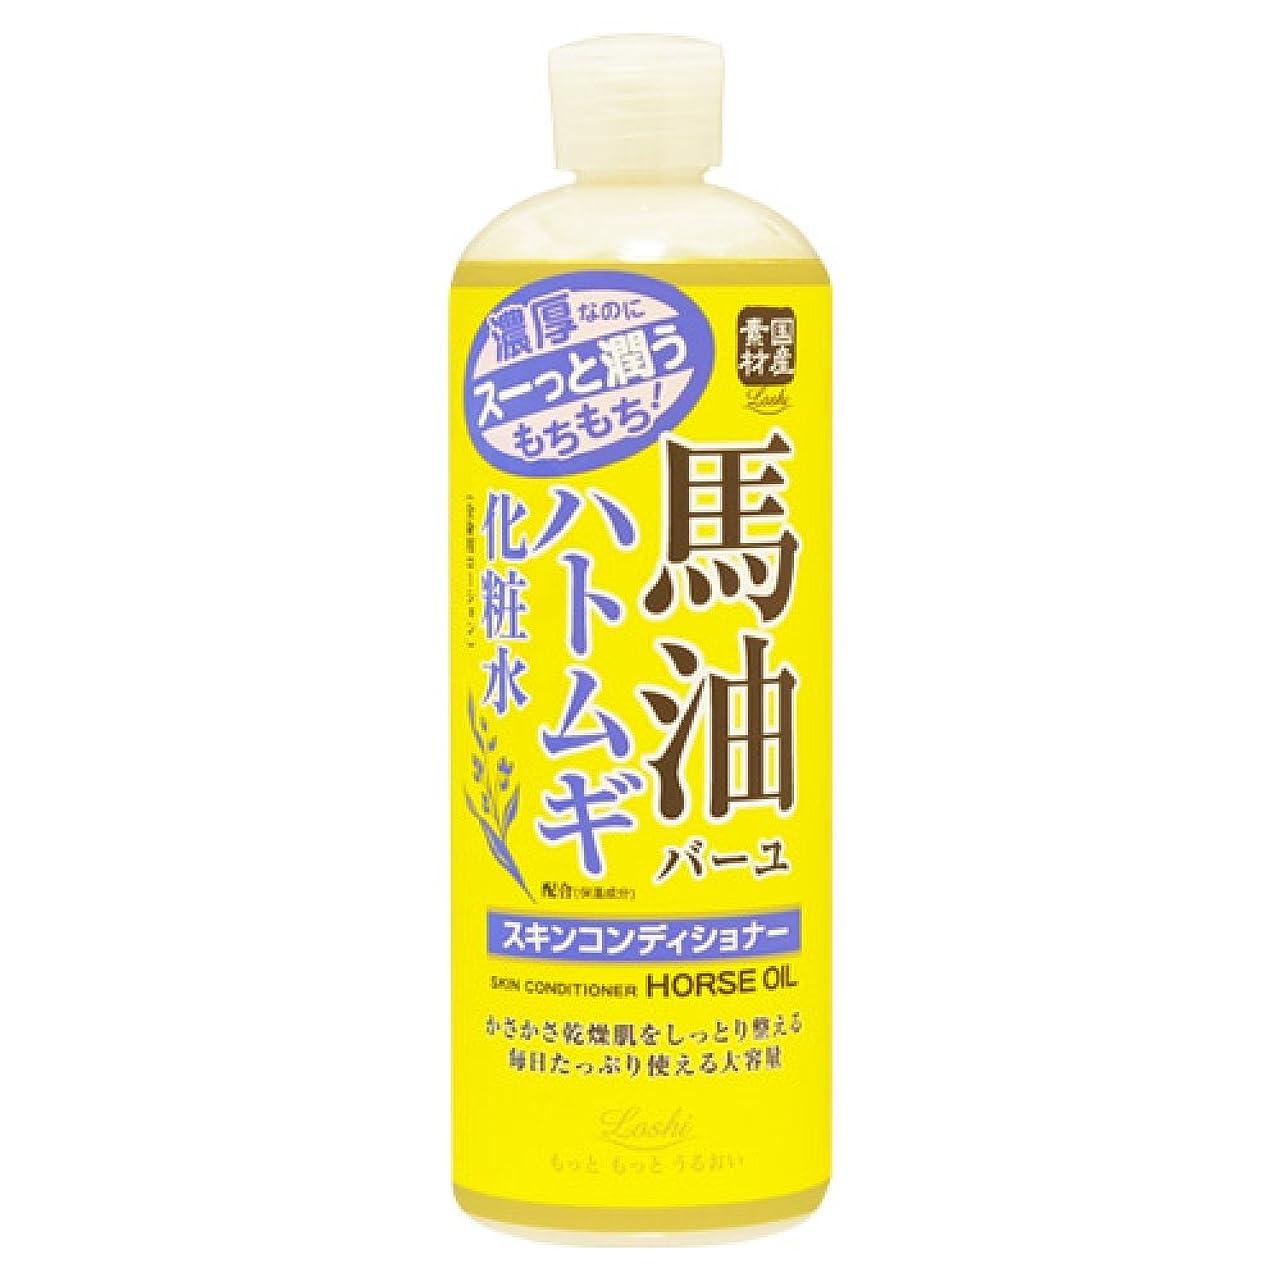 送信するシェーバーバーロッシモイストエイド スキンコンディショナー 馬油&ハトムギ 500ml (化粧水 ローション 高保湿)